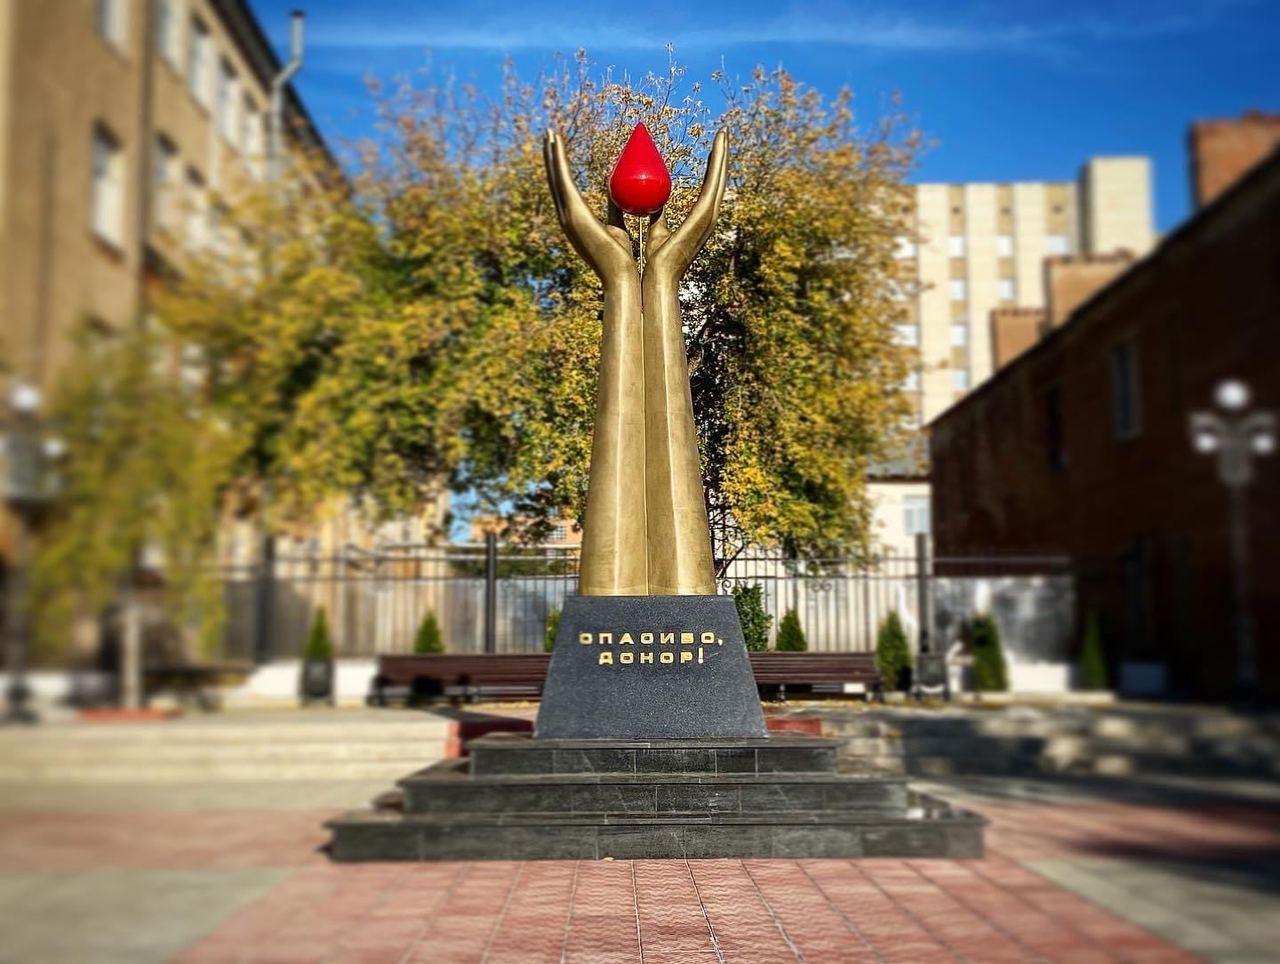 Прости, донор. Виталий Койрах о новом памятнике в Оренбурге